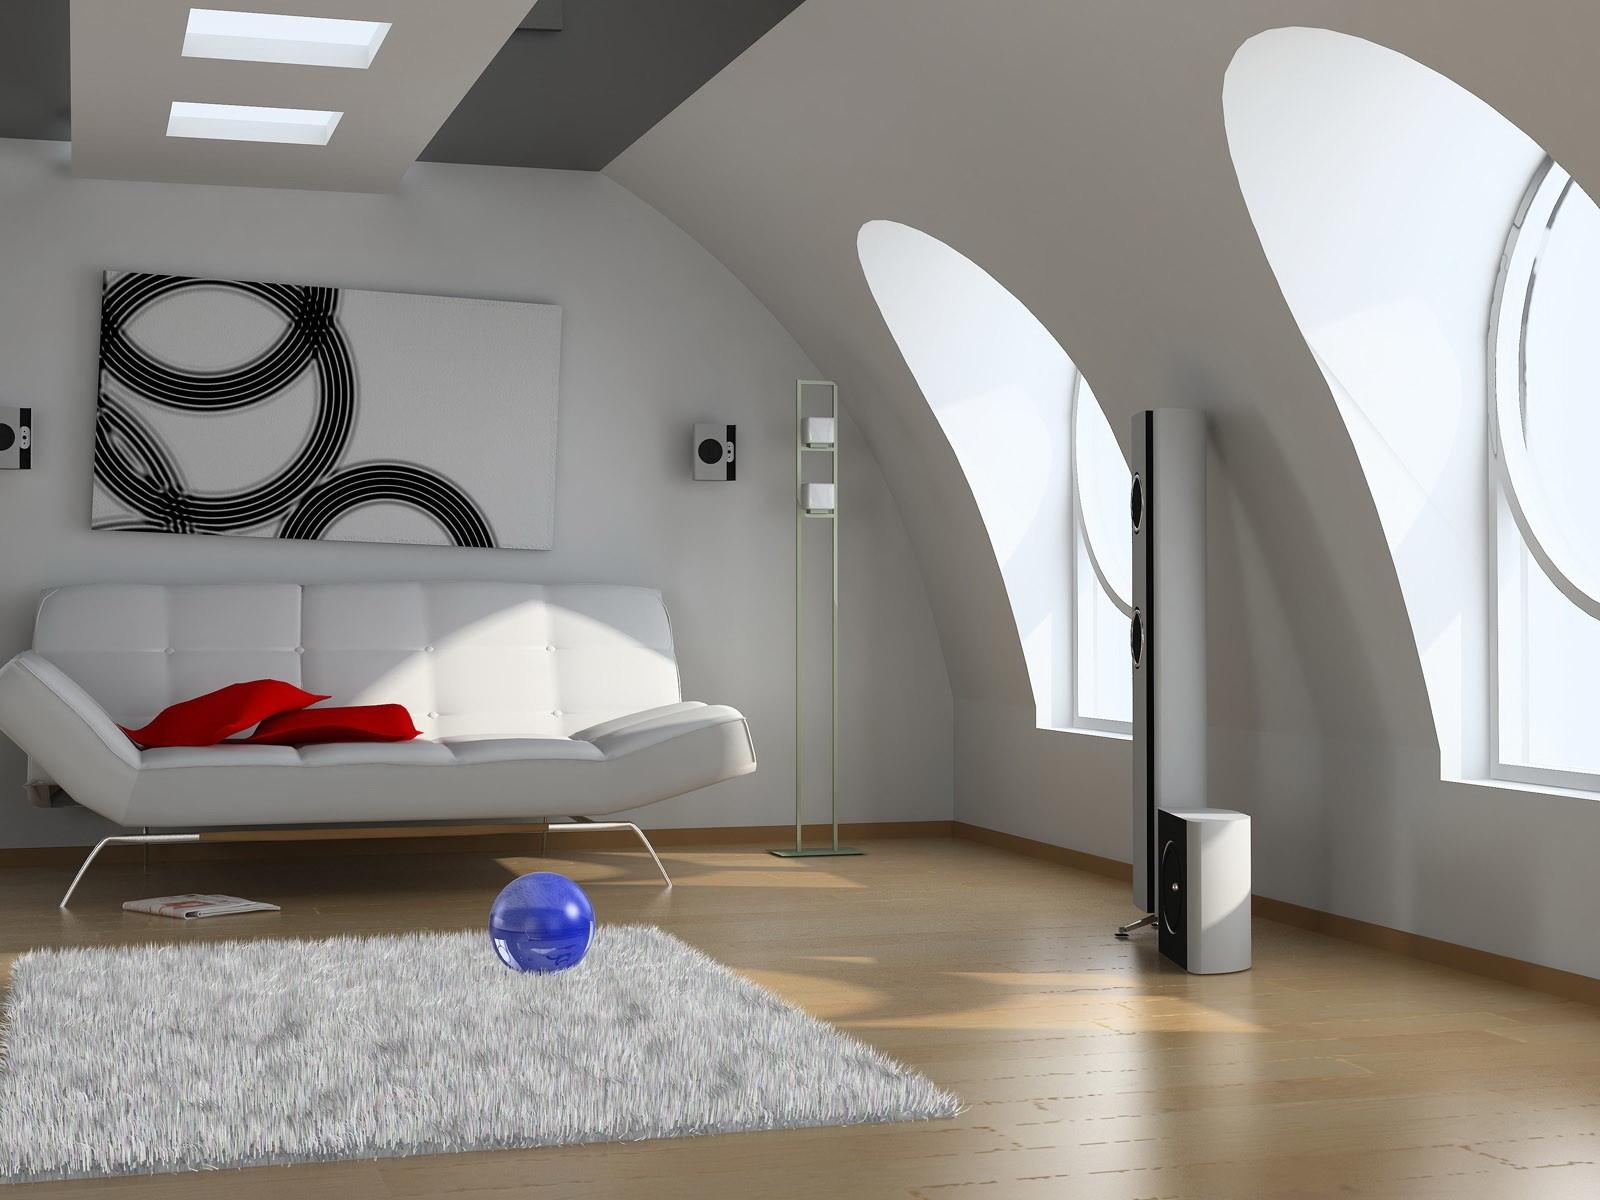 Masaüstü Iç Düz Ev Yaratıcı Beyaz 1600x1200 Wallpaperup